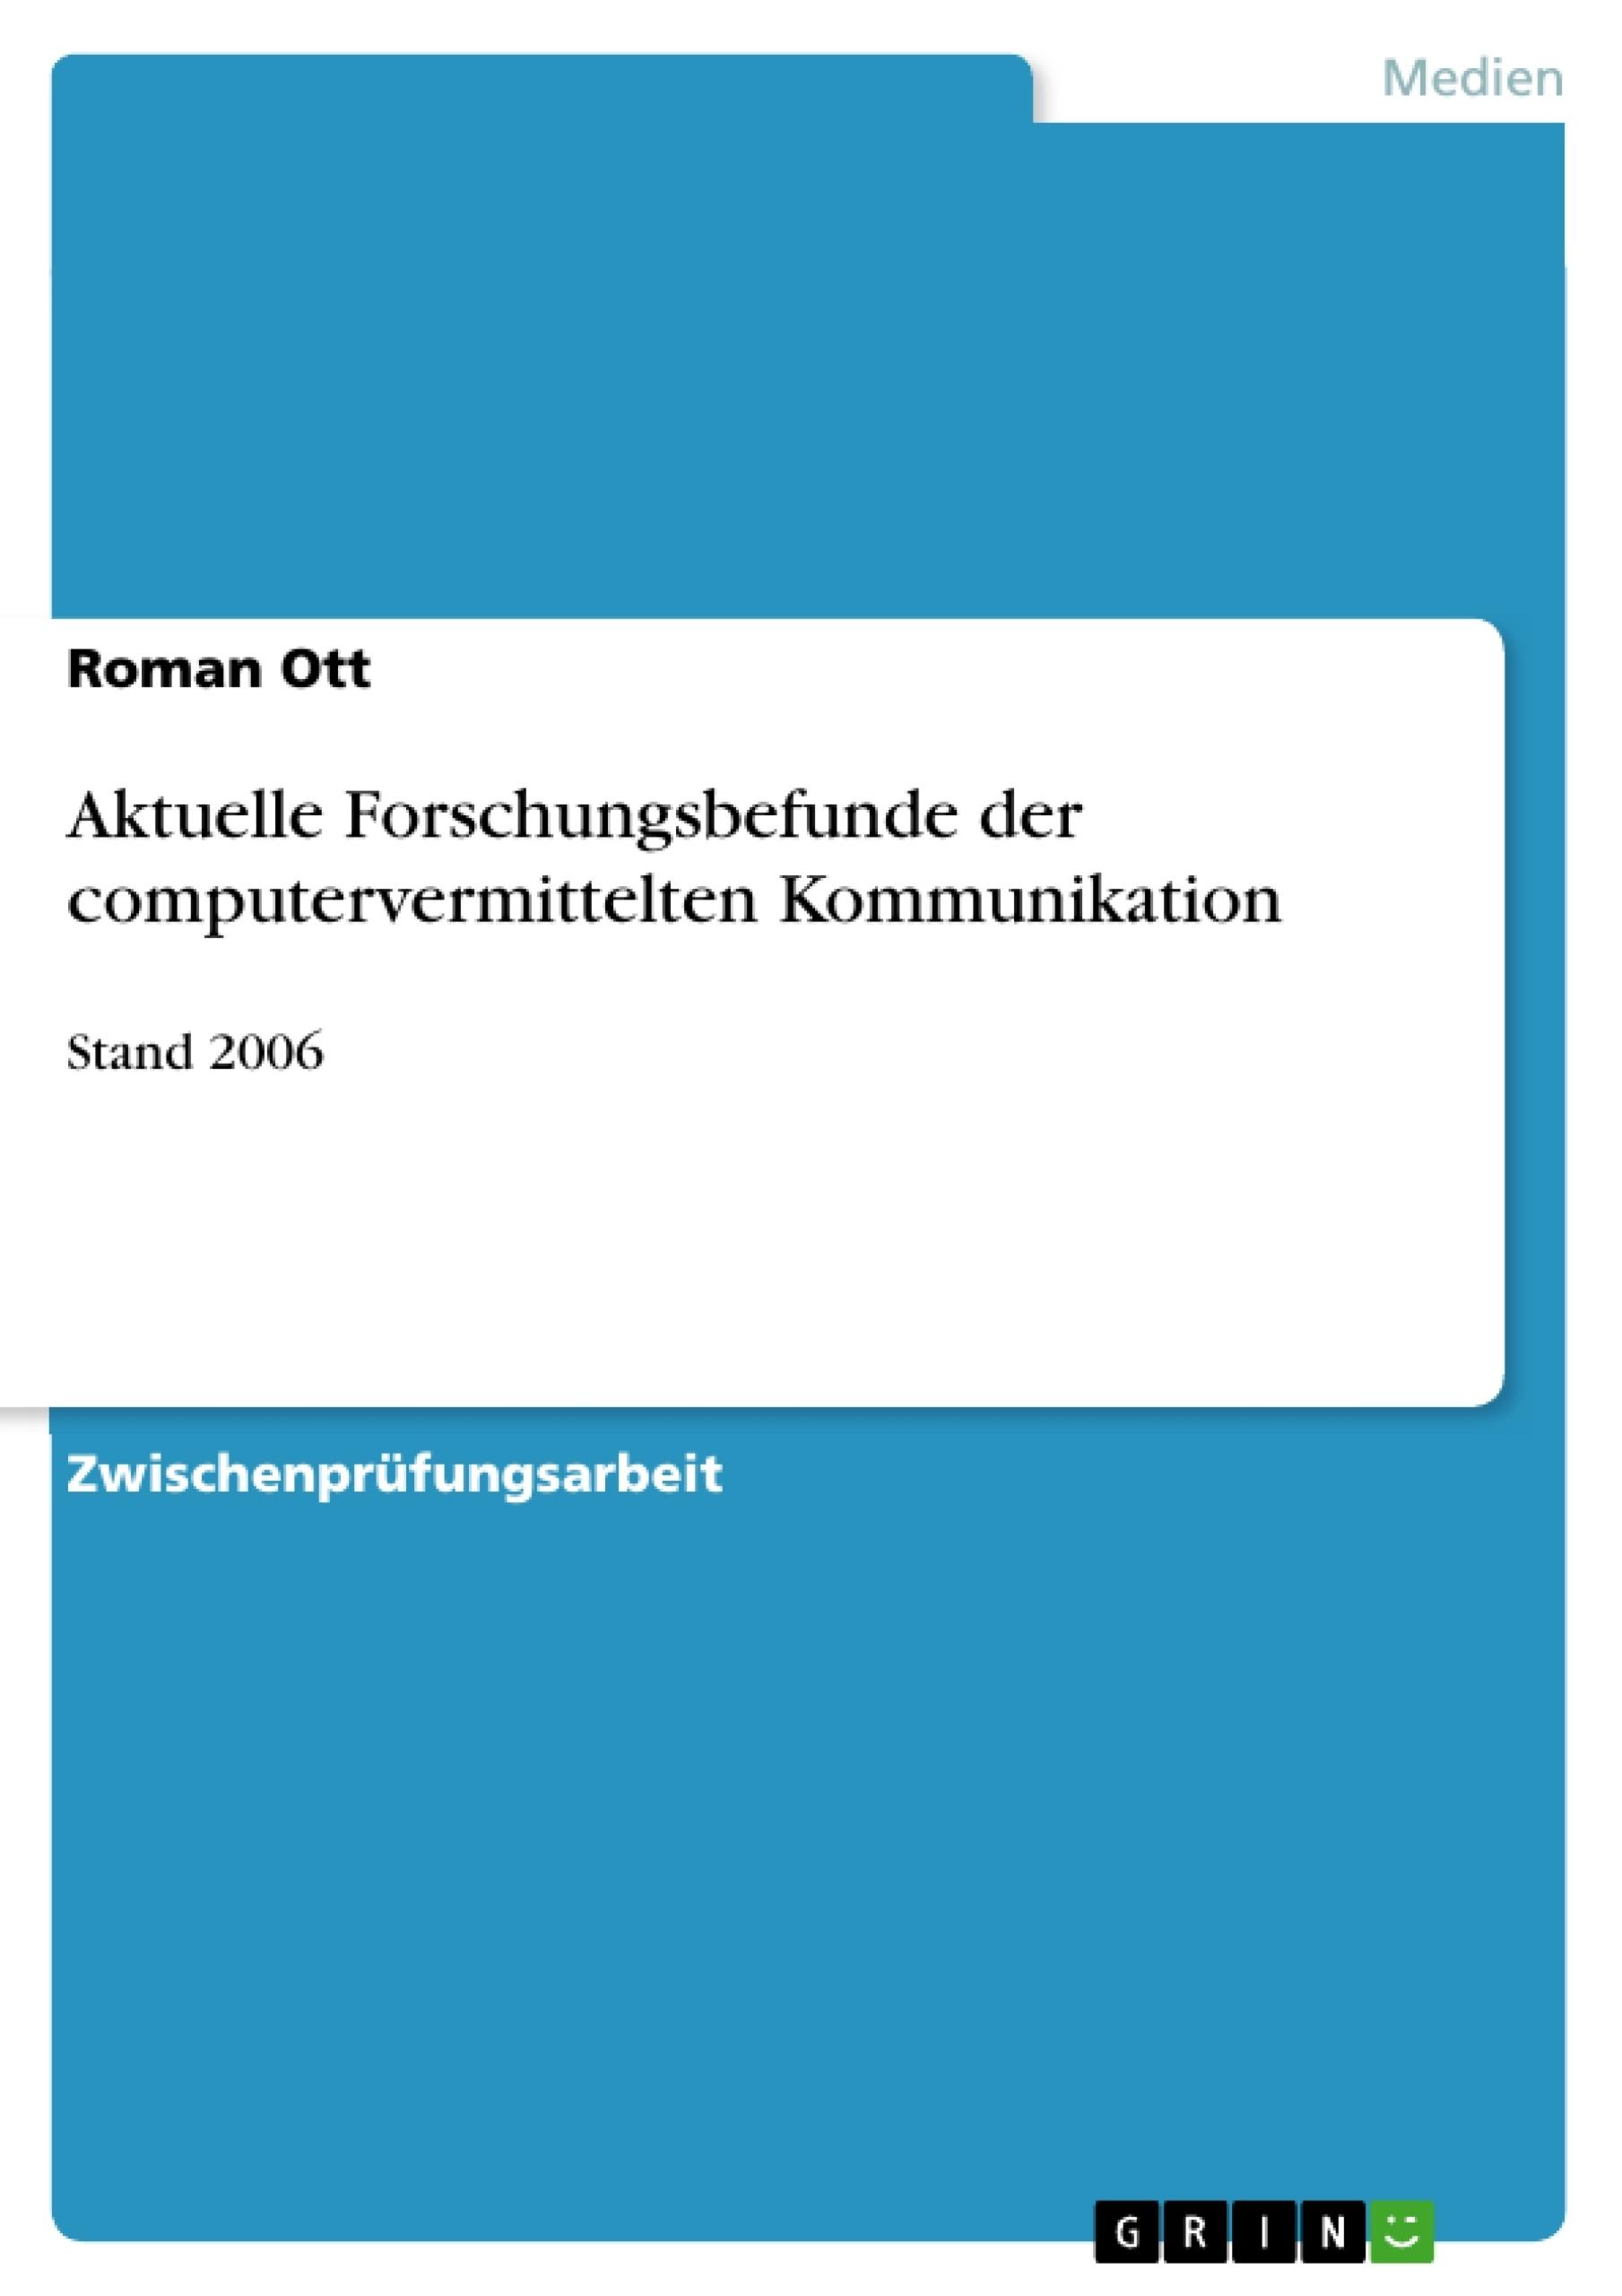 Titel: Aktuelle Forschungsbefunde der computervermittelten Kommunikation